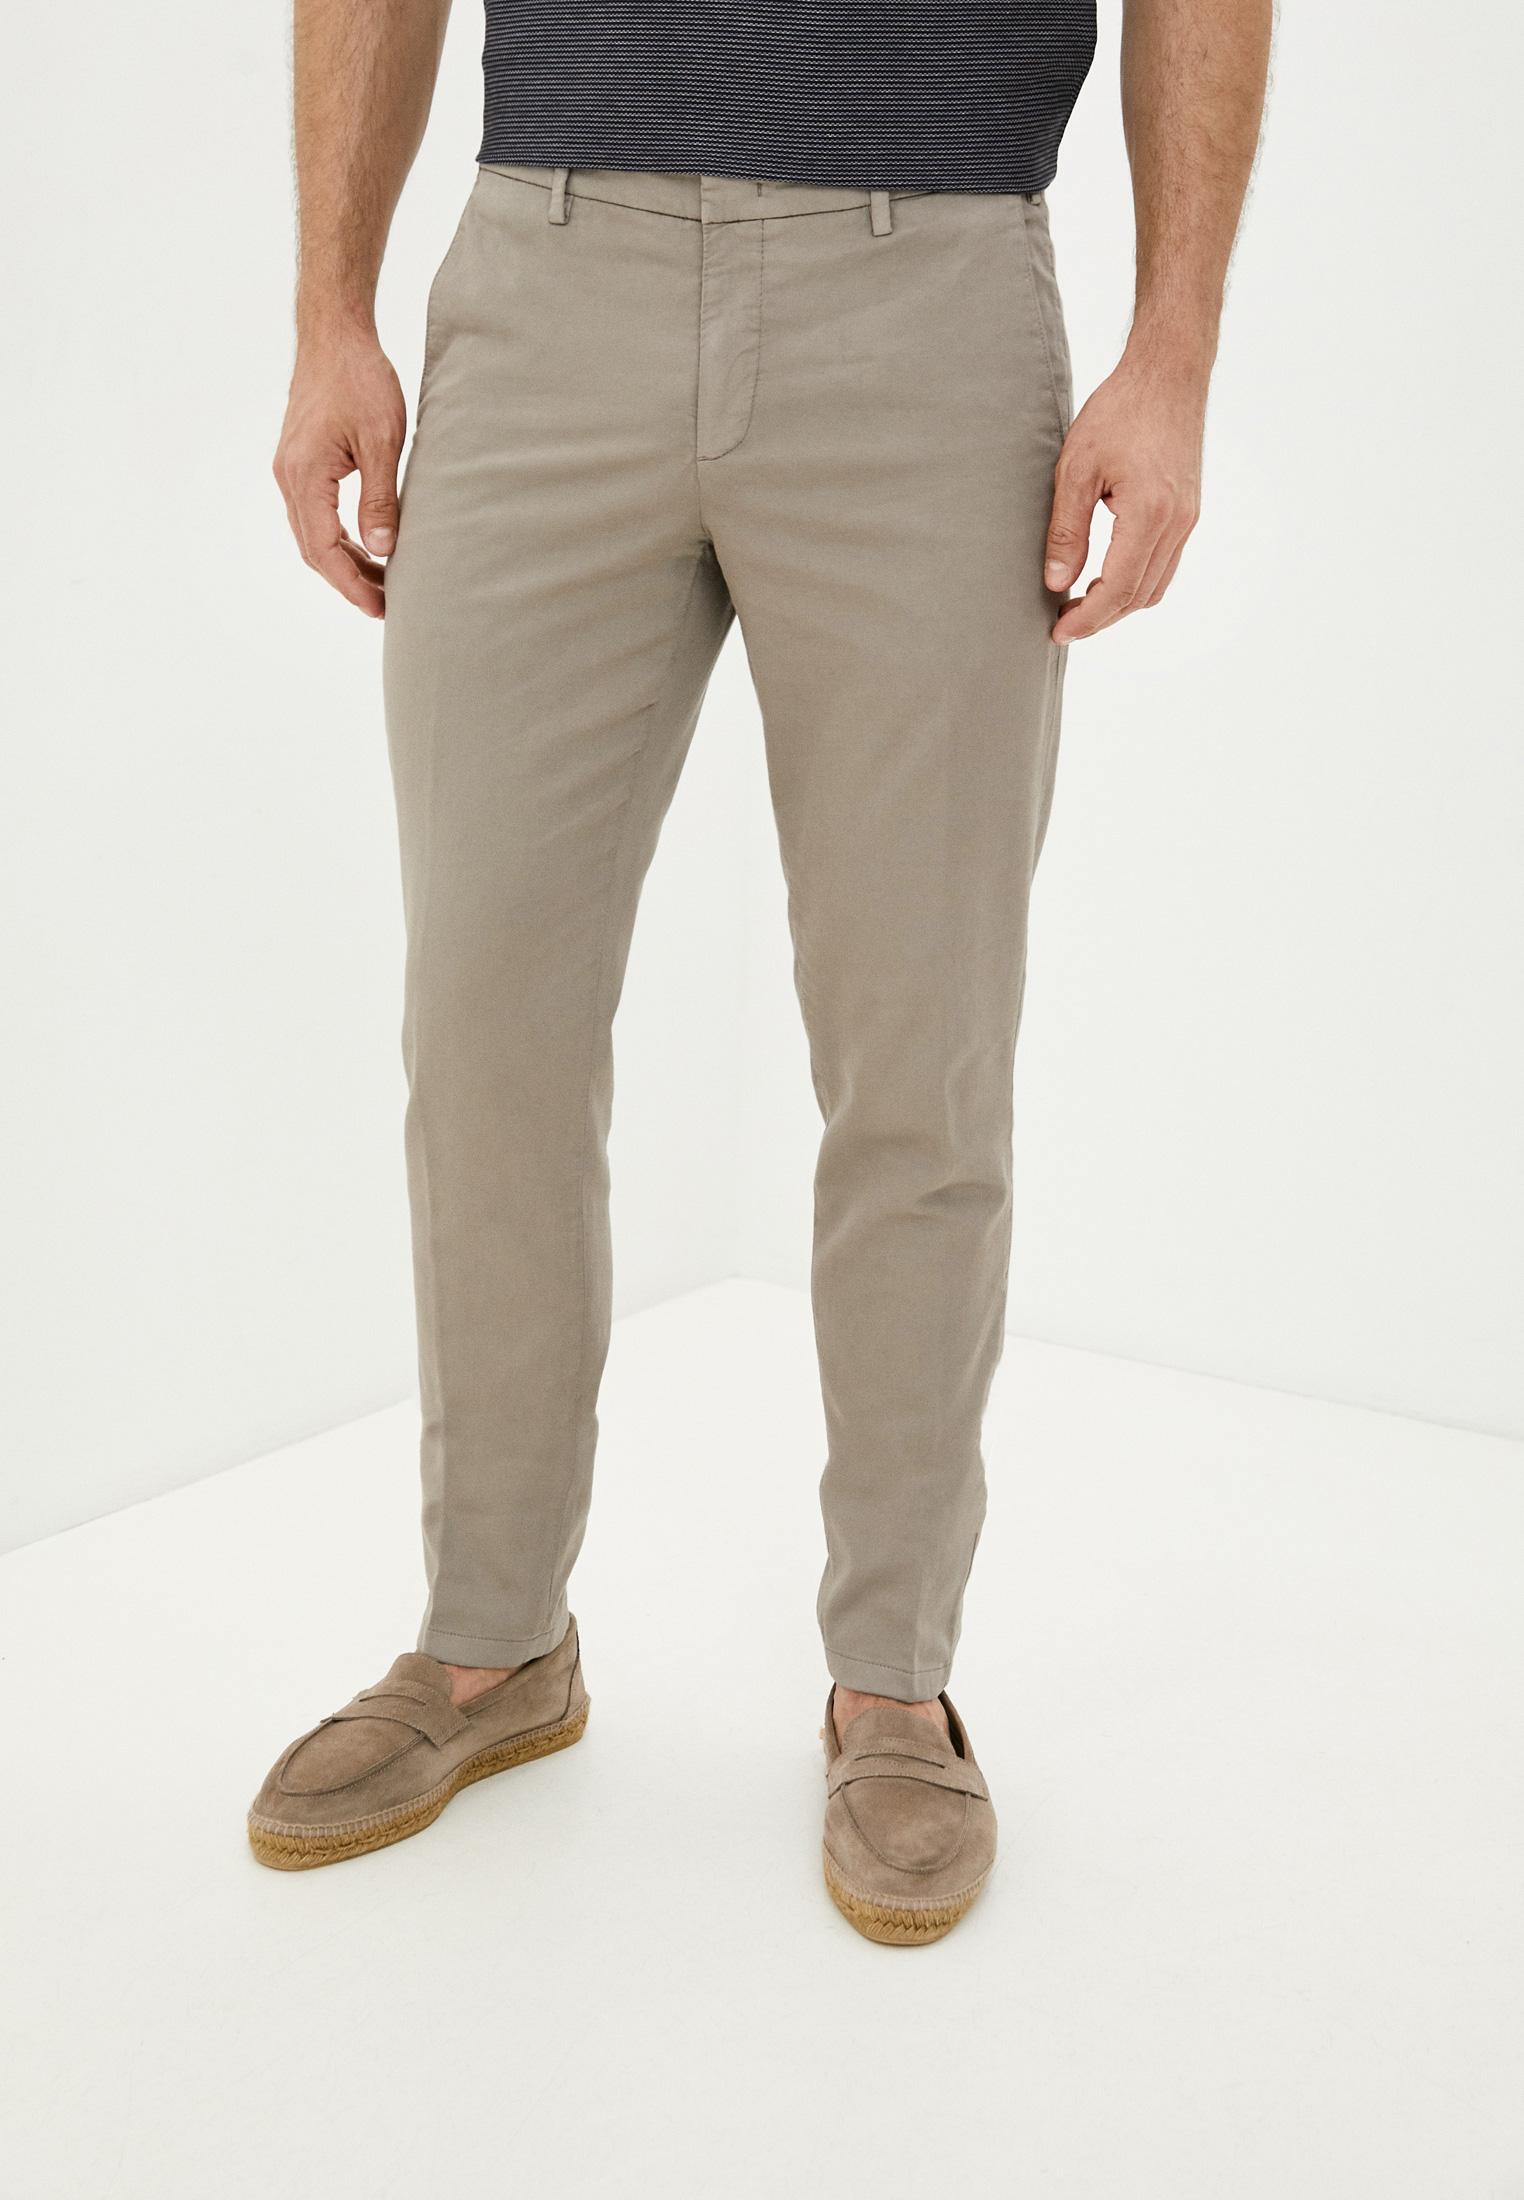 Мужские классические брюки BALDESSARINI (Балдессарини) 19006.6647: изображение 1